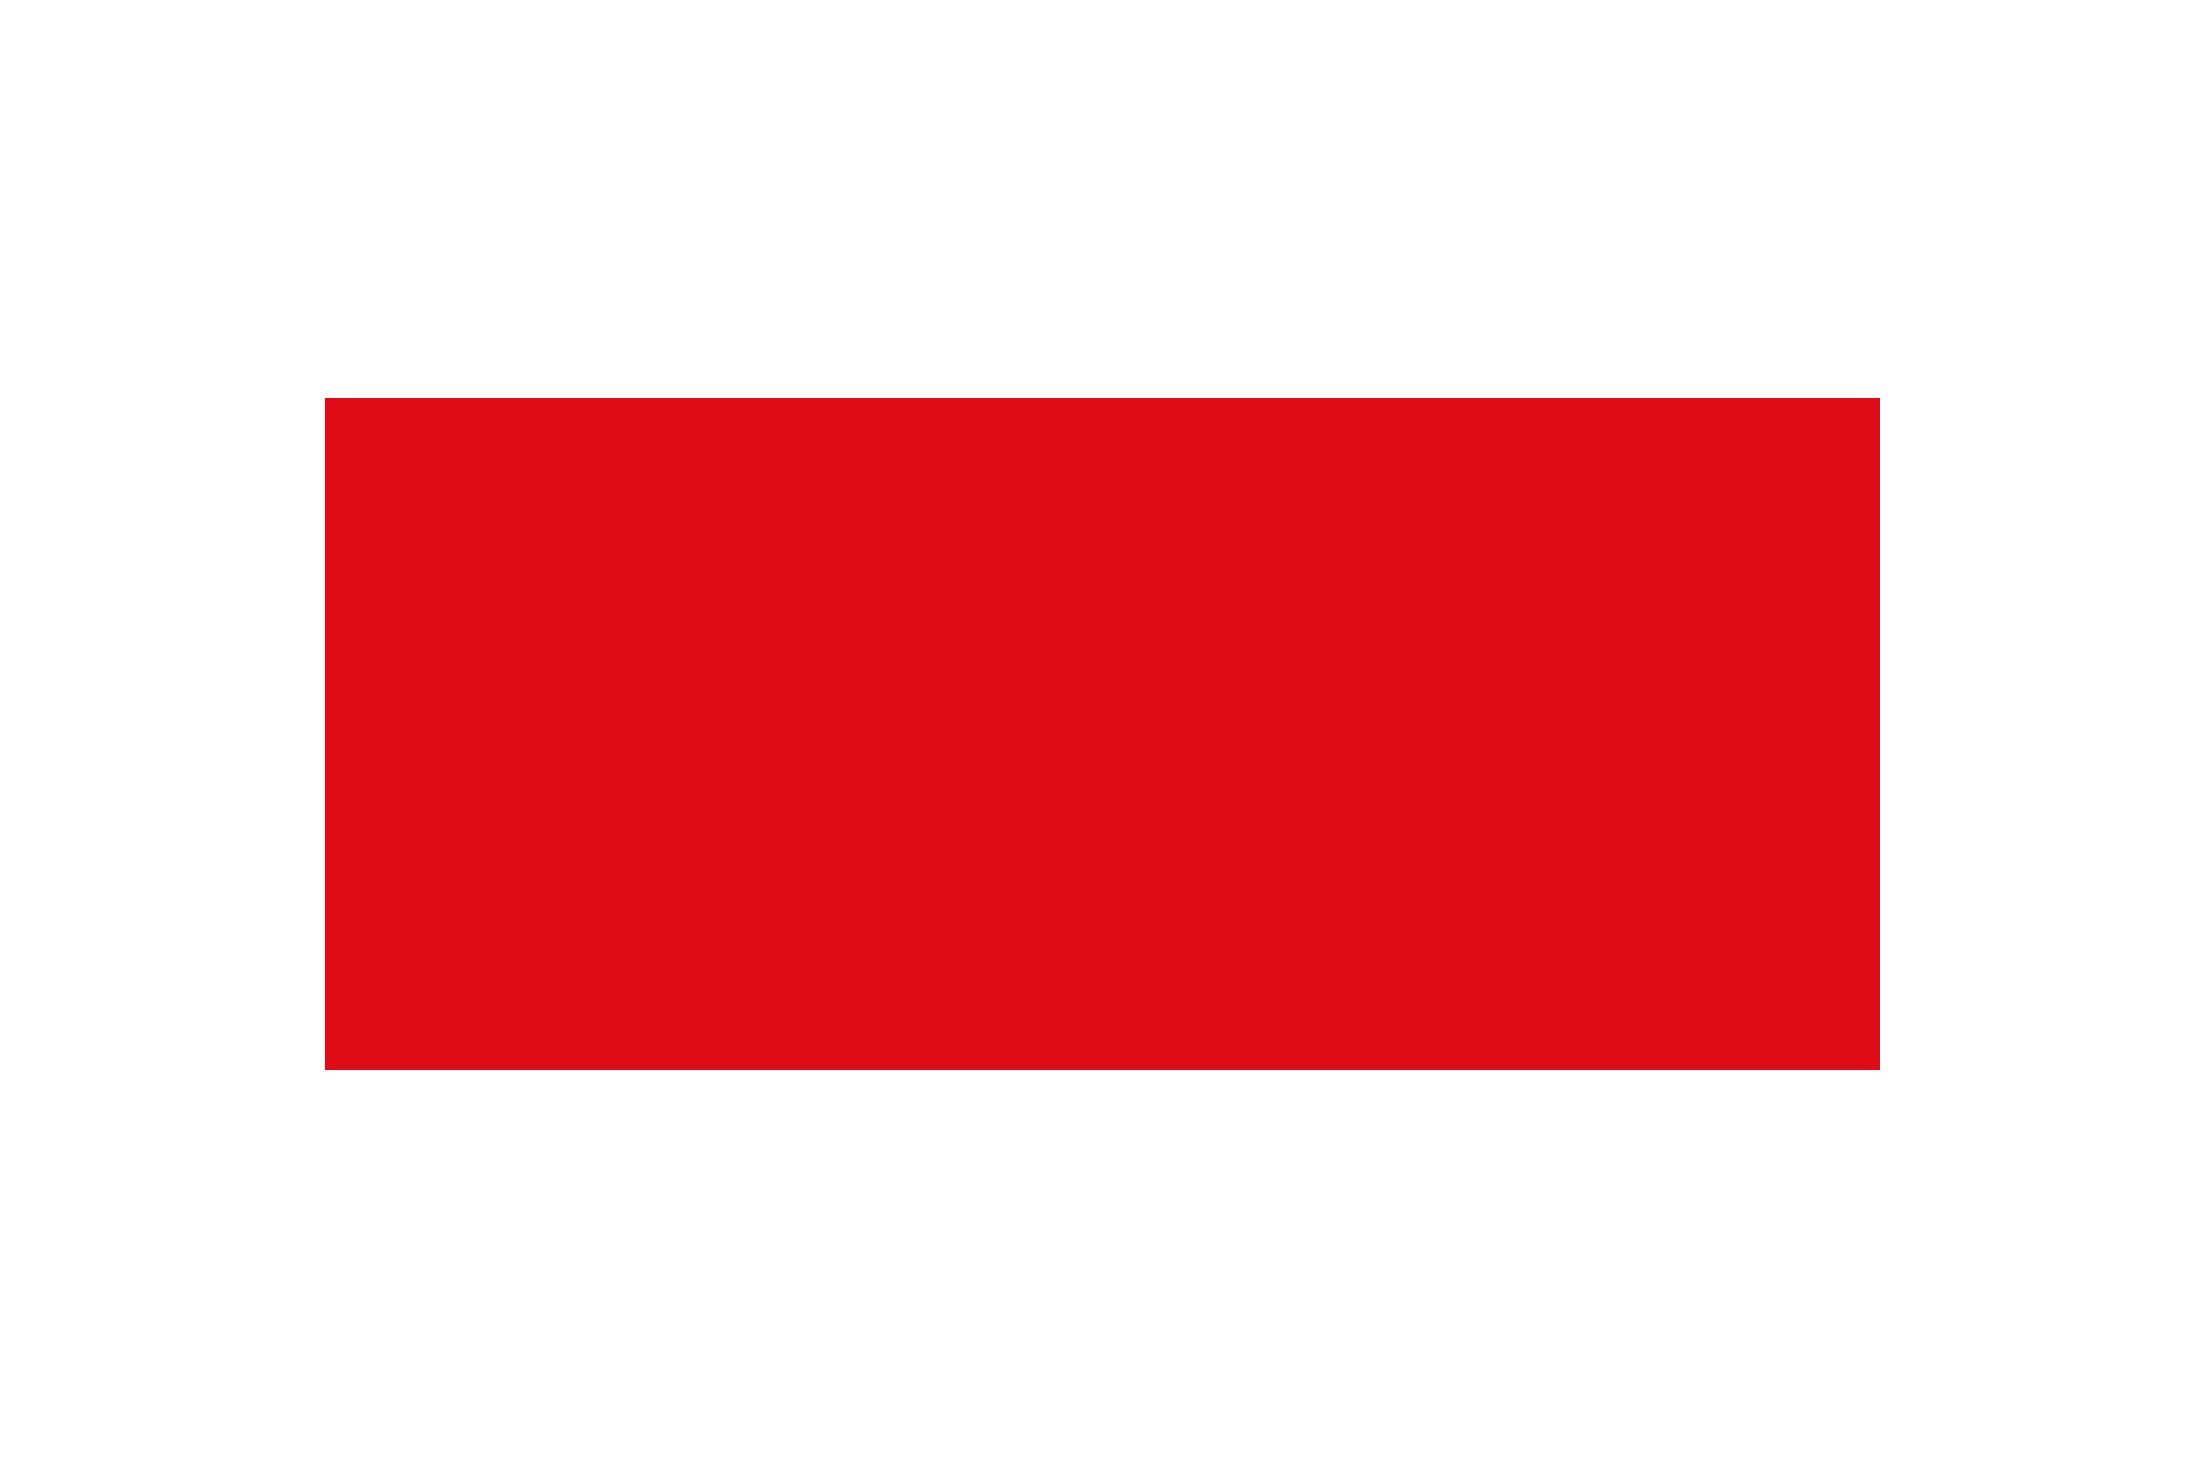 Stop stamp PSD